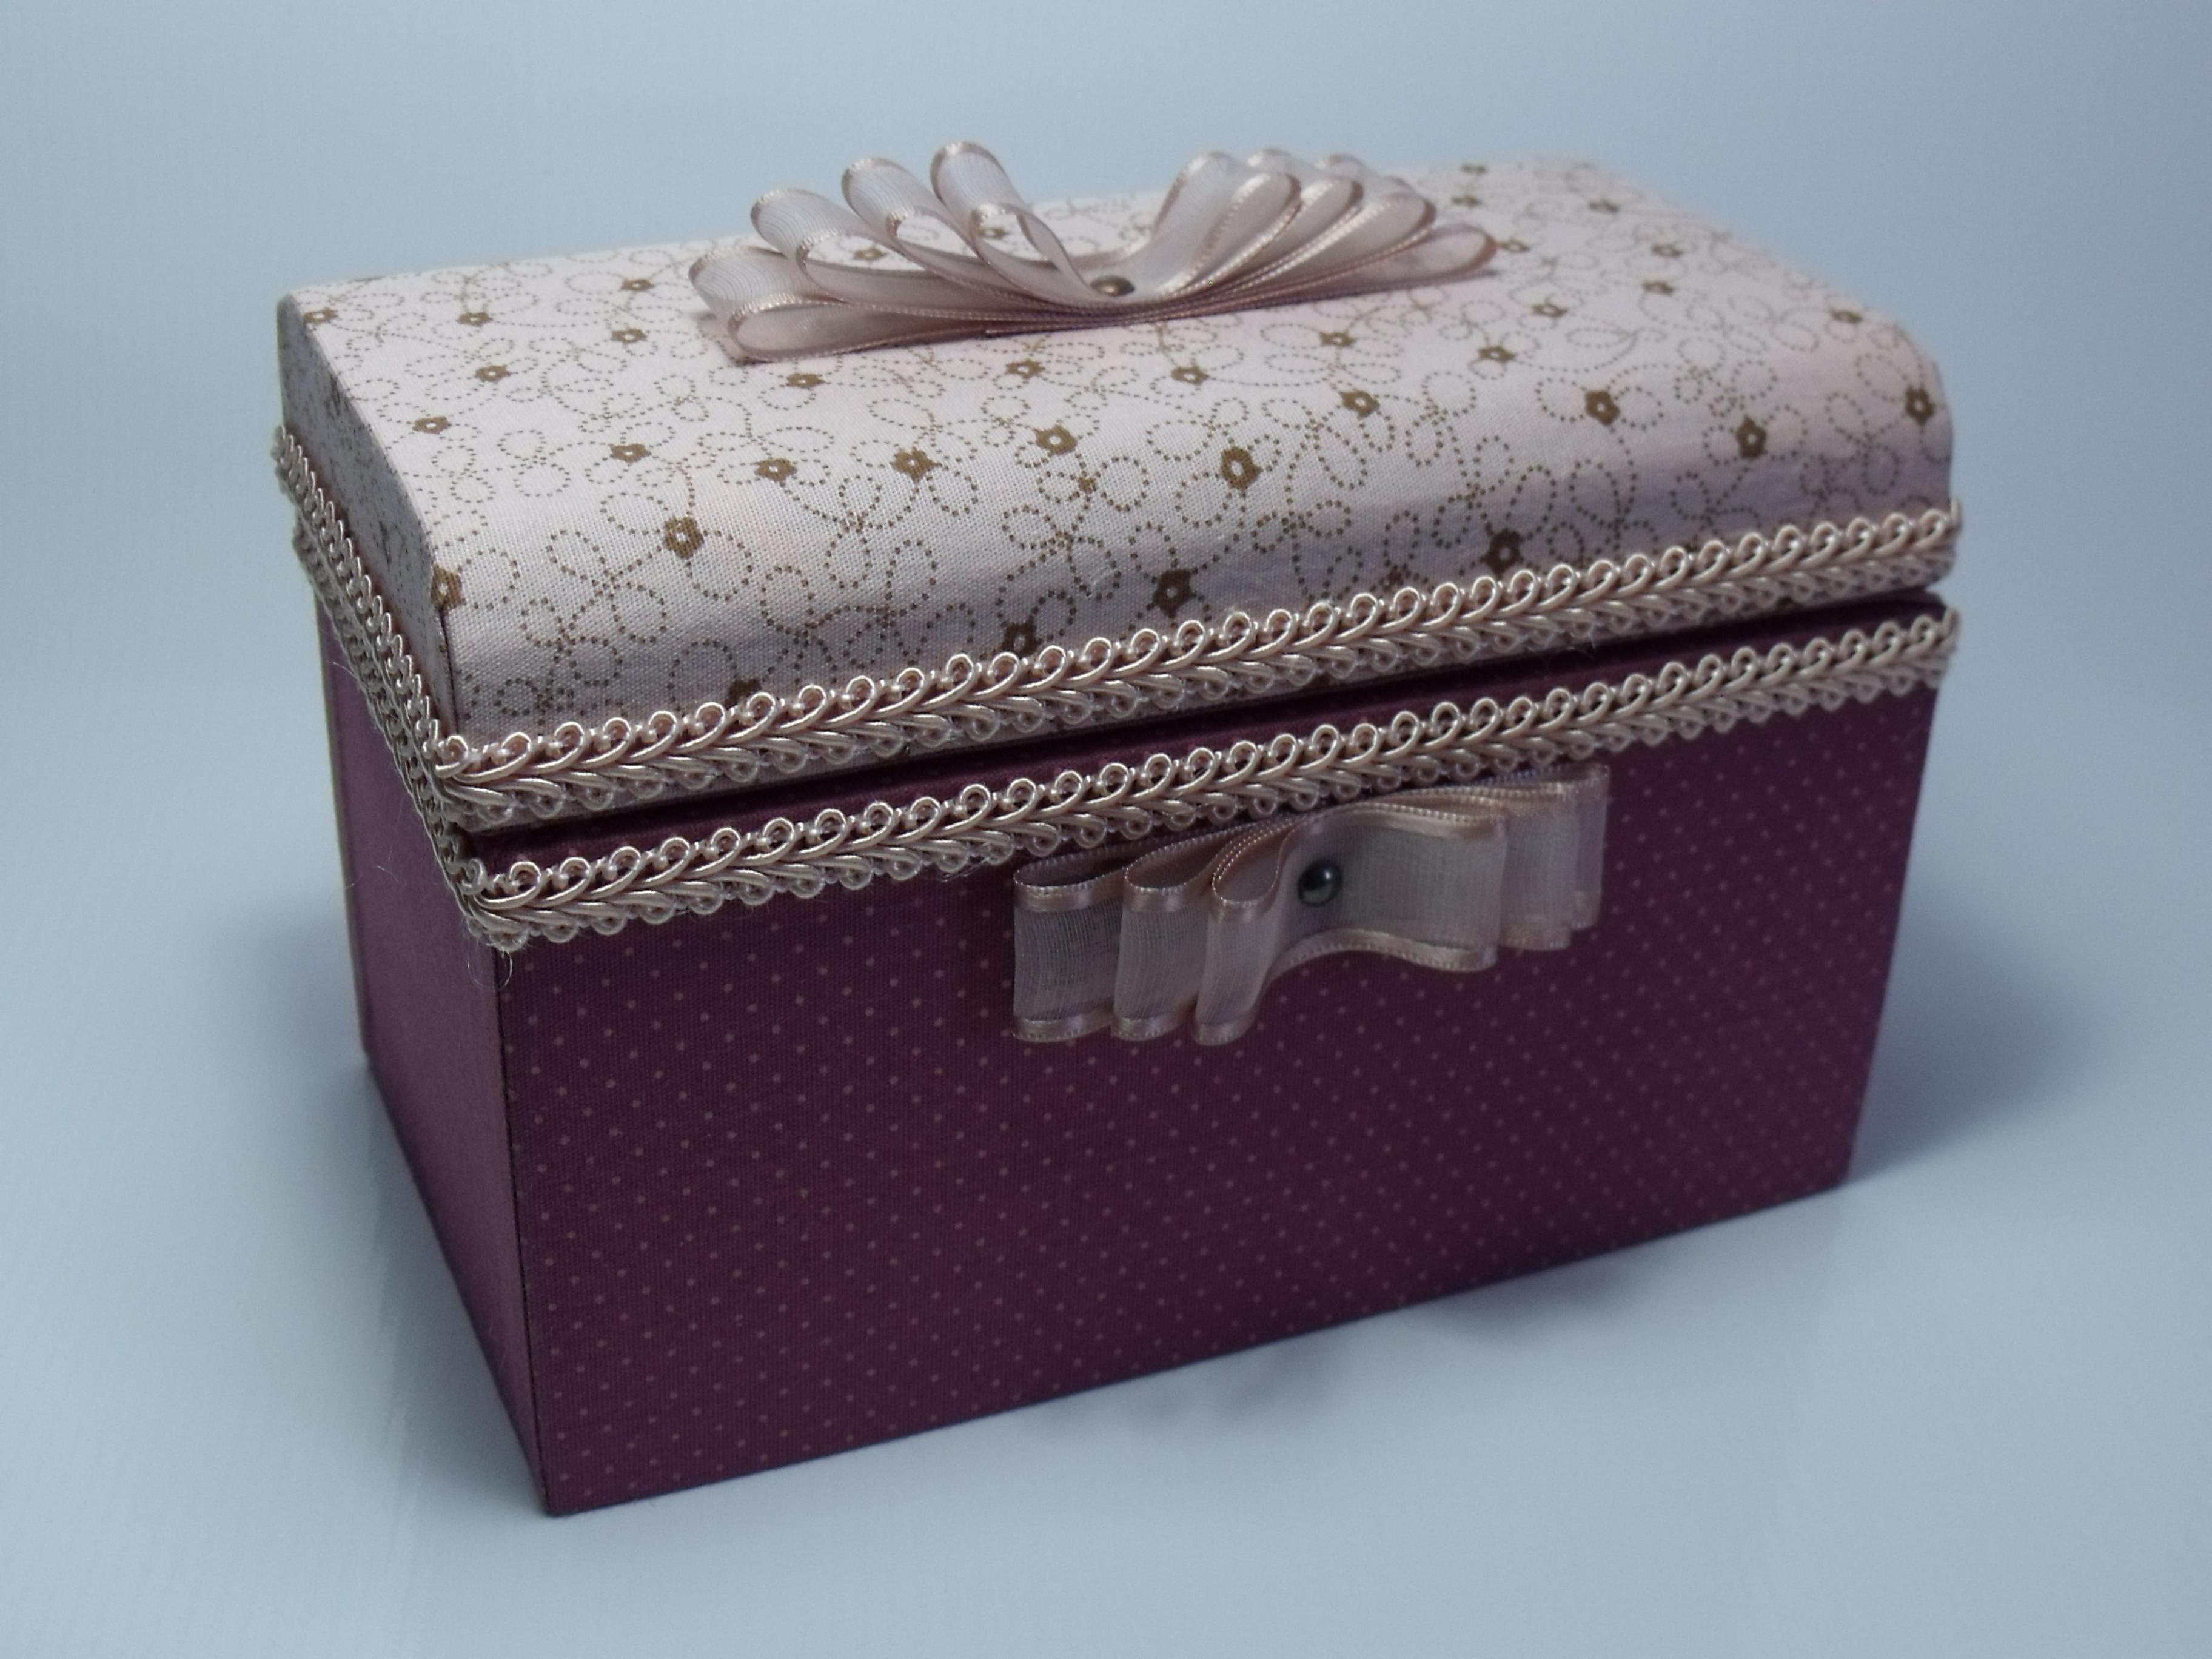 bau caixa de tecido rose mdf bau caixa de tecido #382130 3648x2736